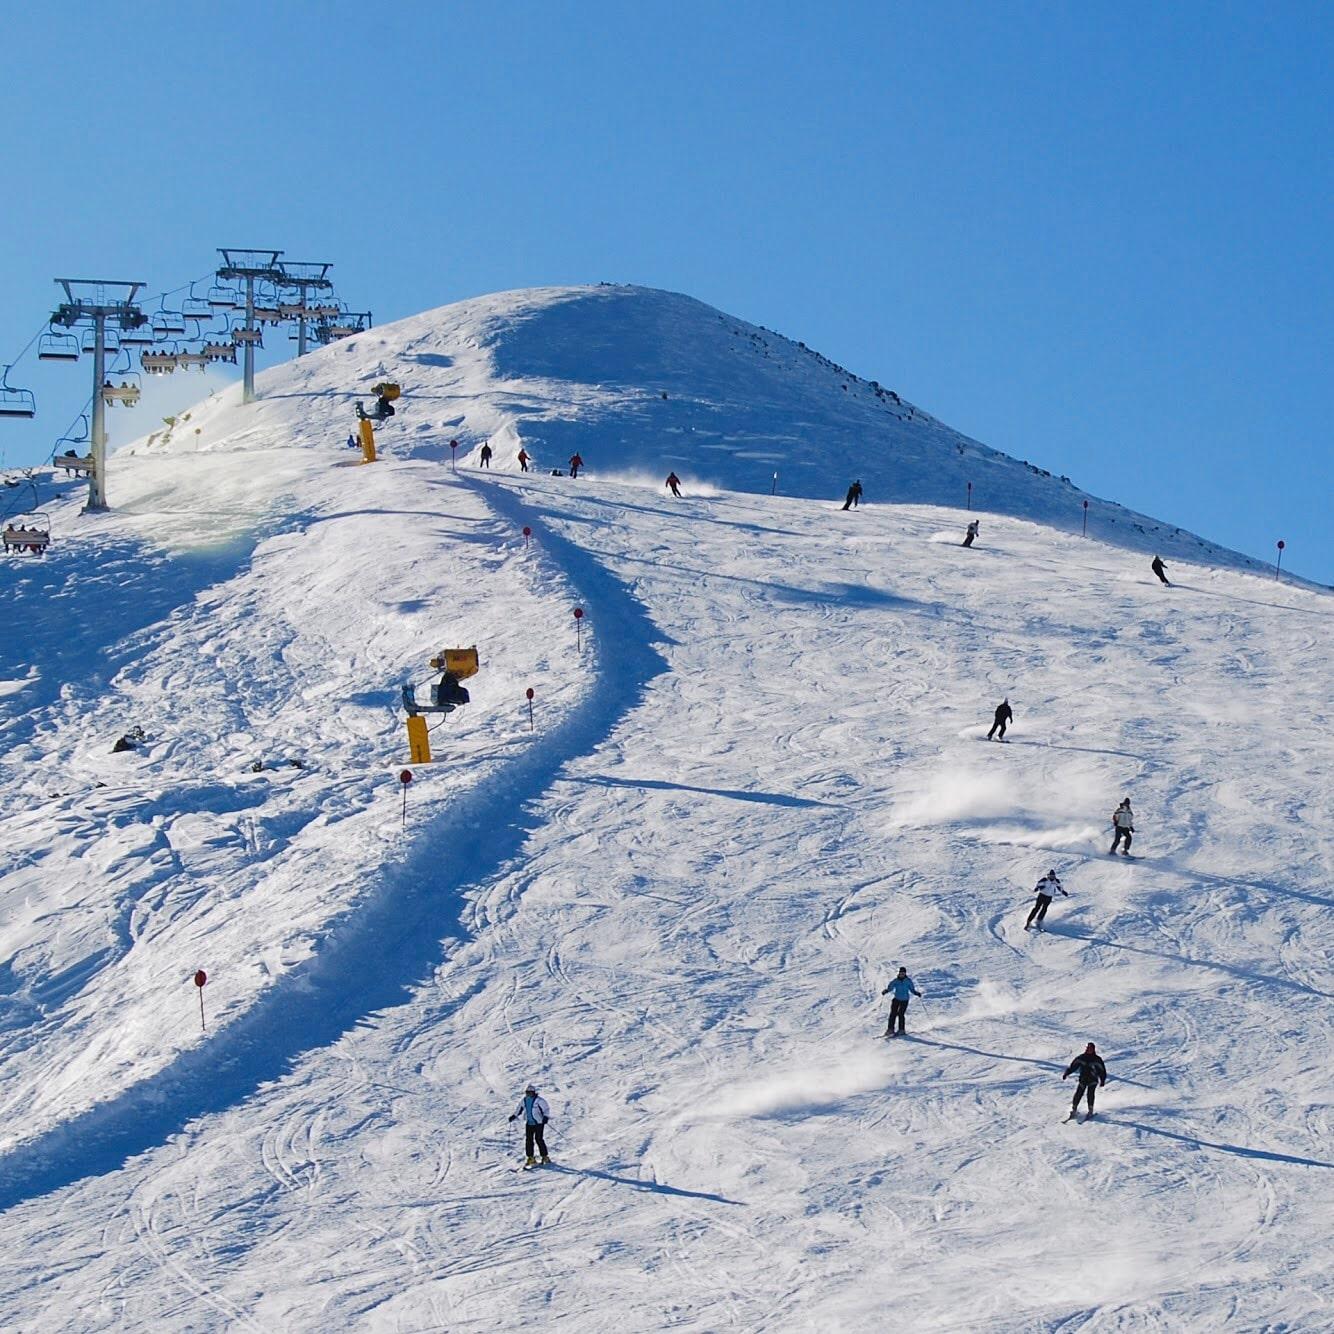 škola-skijanja-andalo-skijaški-klub-carving-2